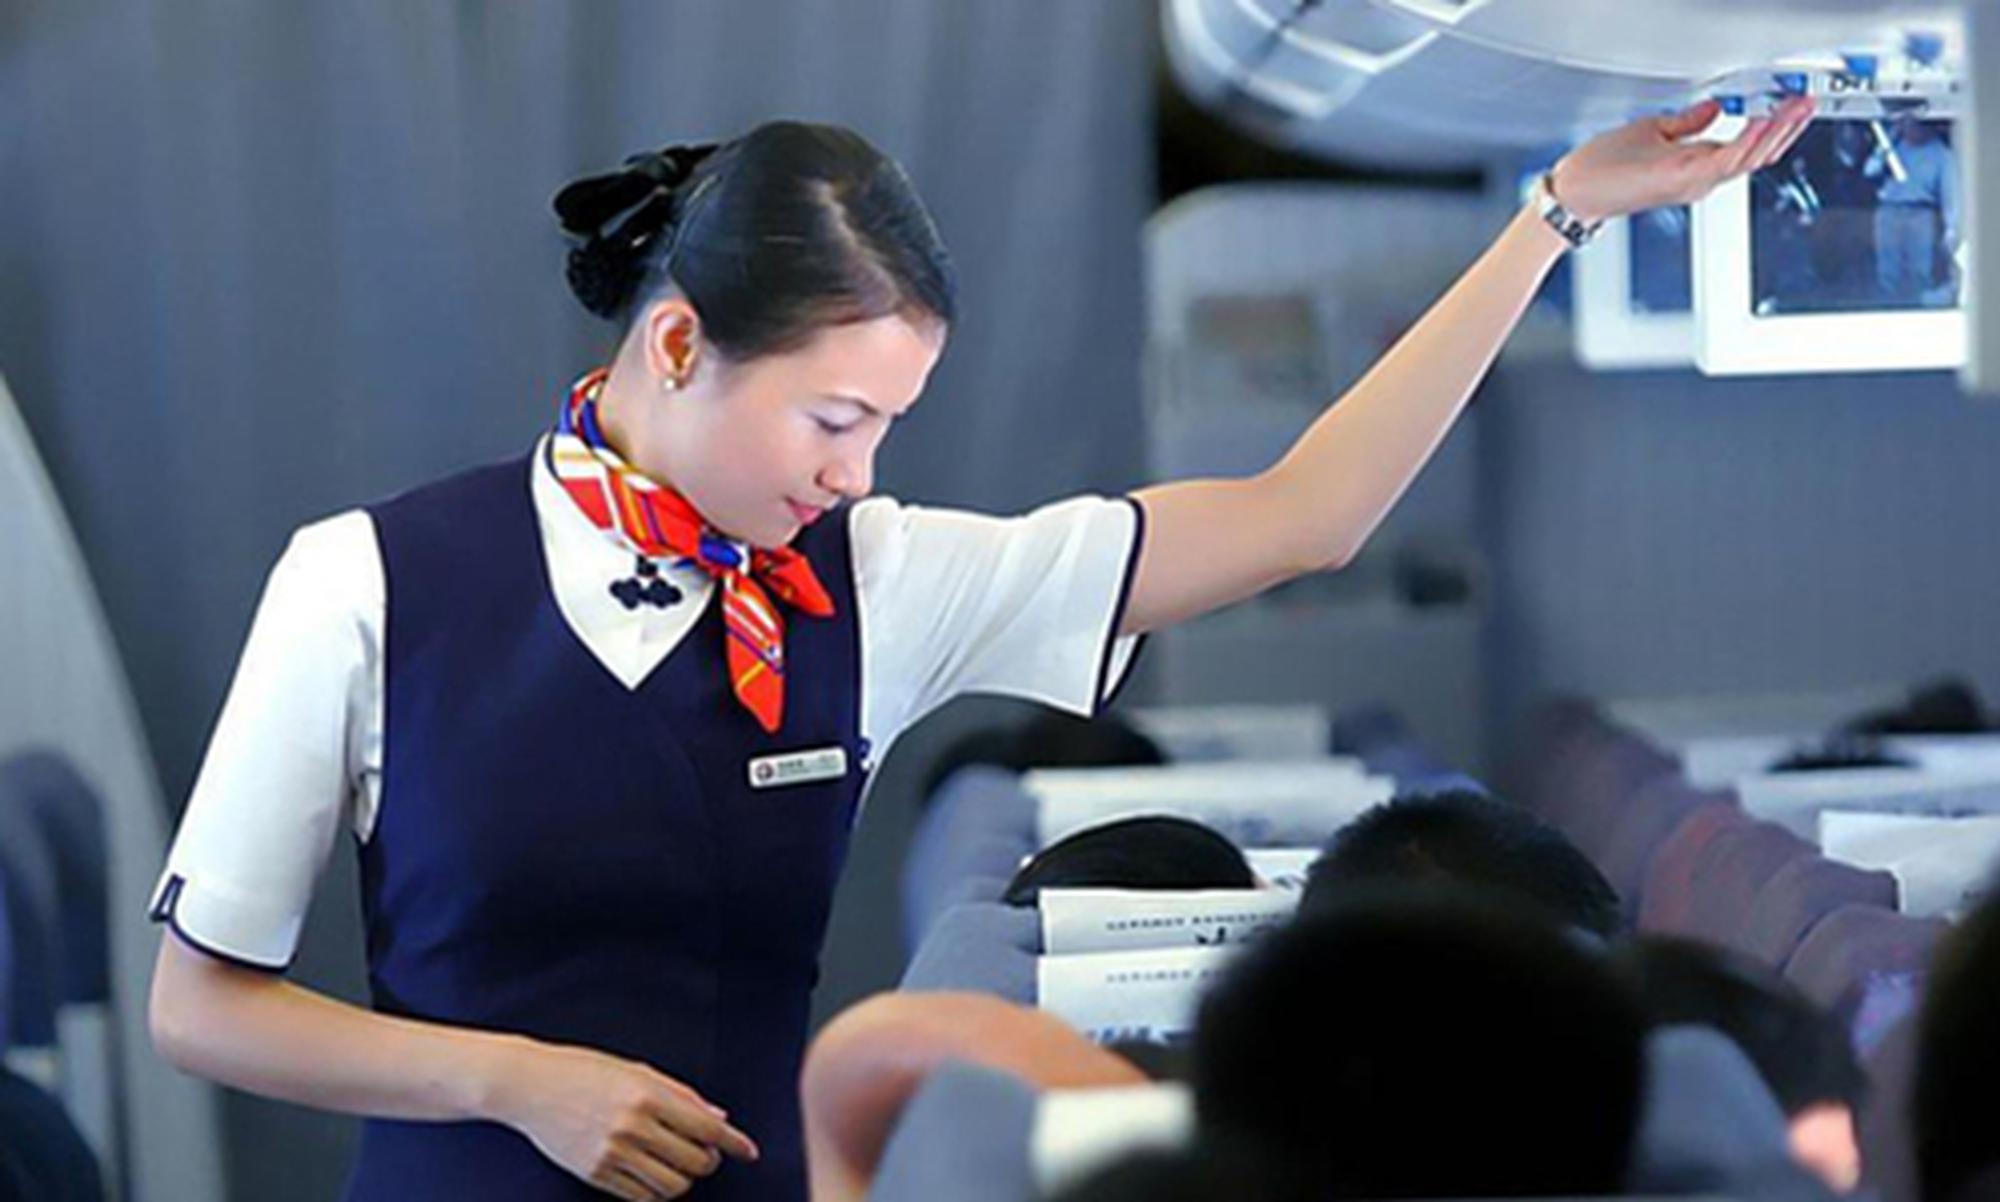 国内航空公司推占座票、伸腿费 你愿意掏钱体验吗?